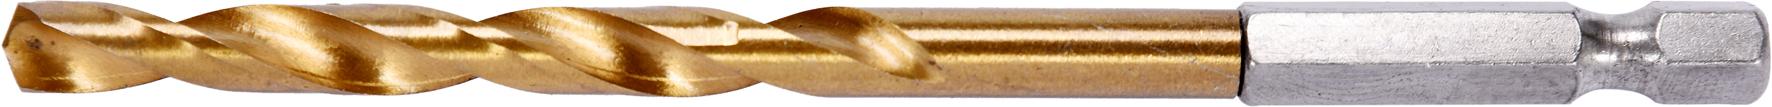 Burghiu HSS-TiN 6.0mm (1/4 HEX)